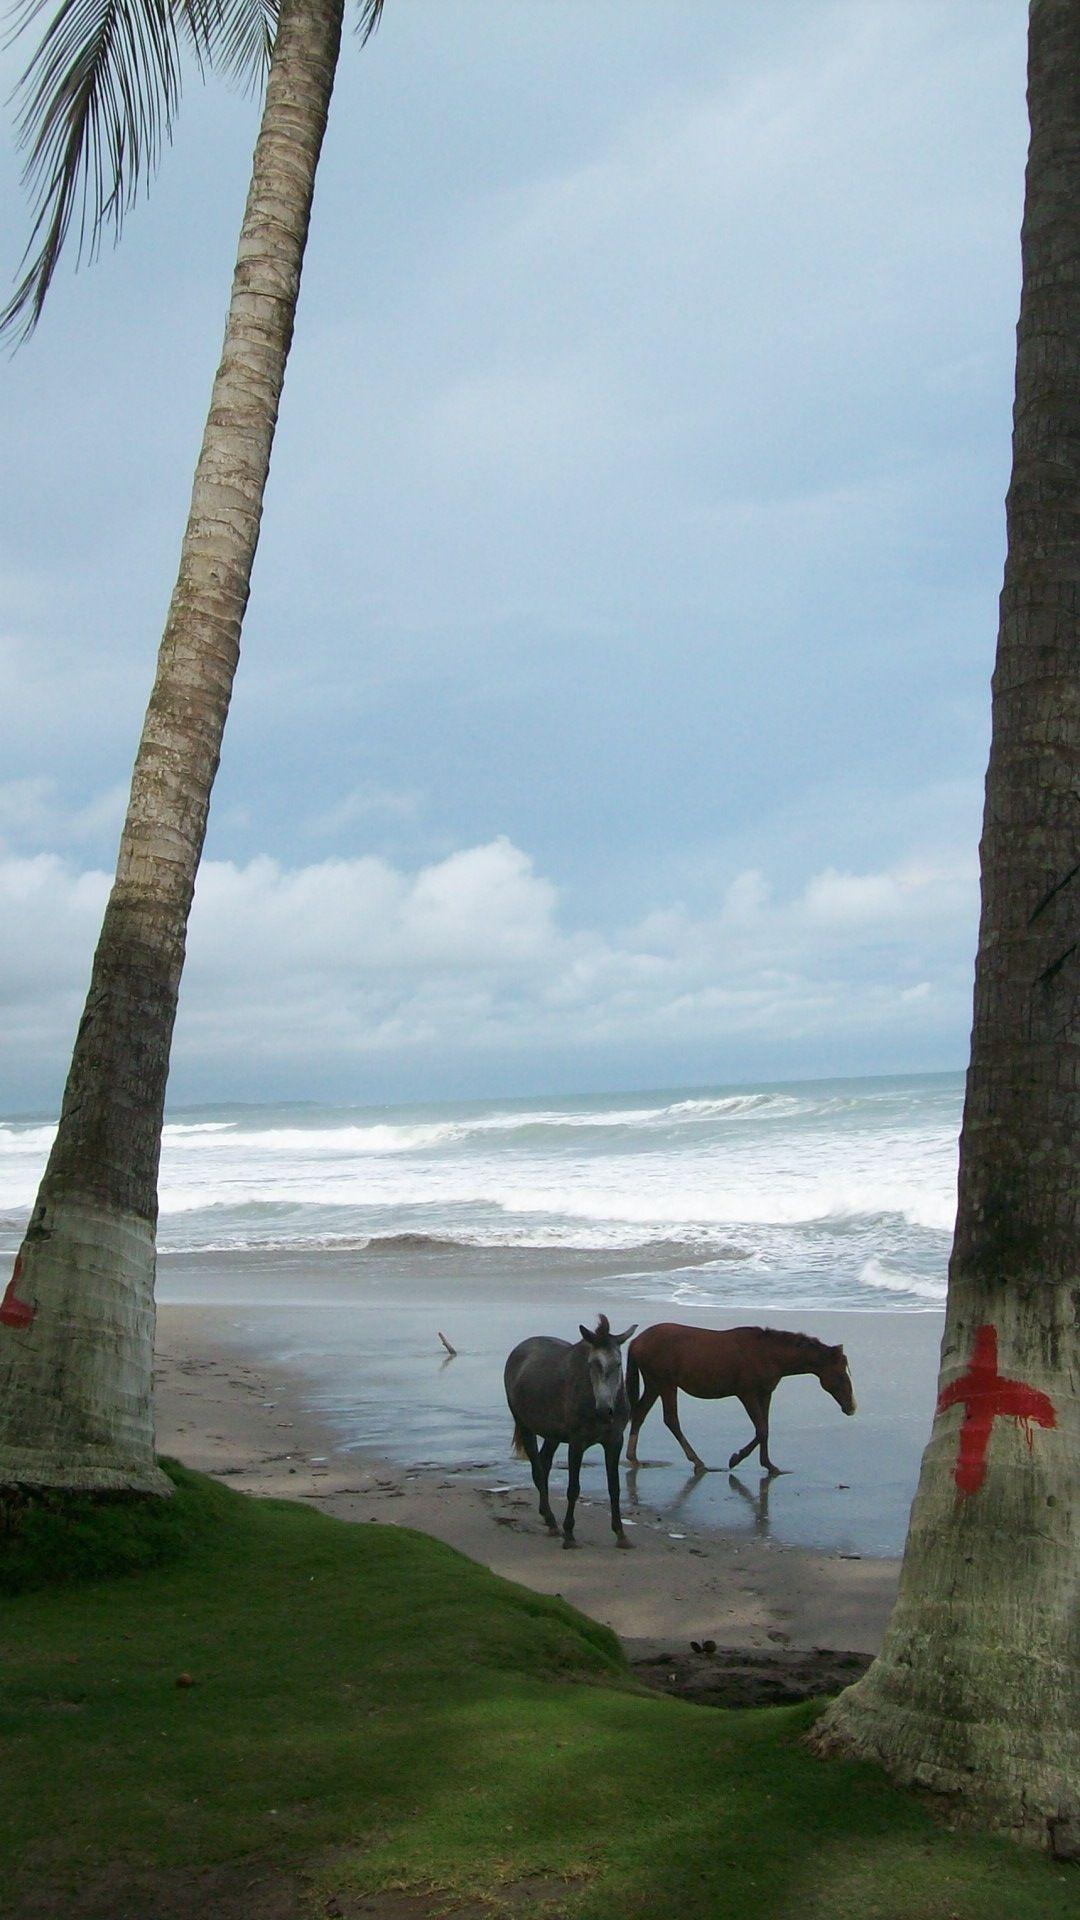 LA Sirena Esterillos Beach 5min Walk